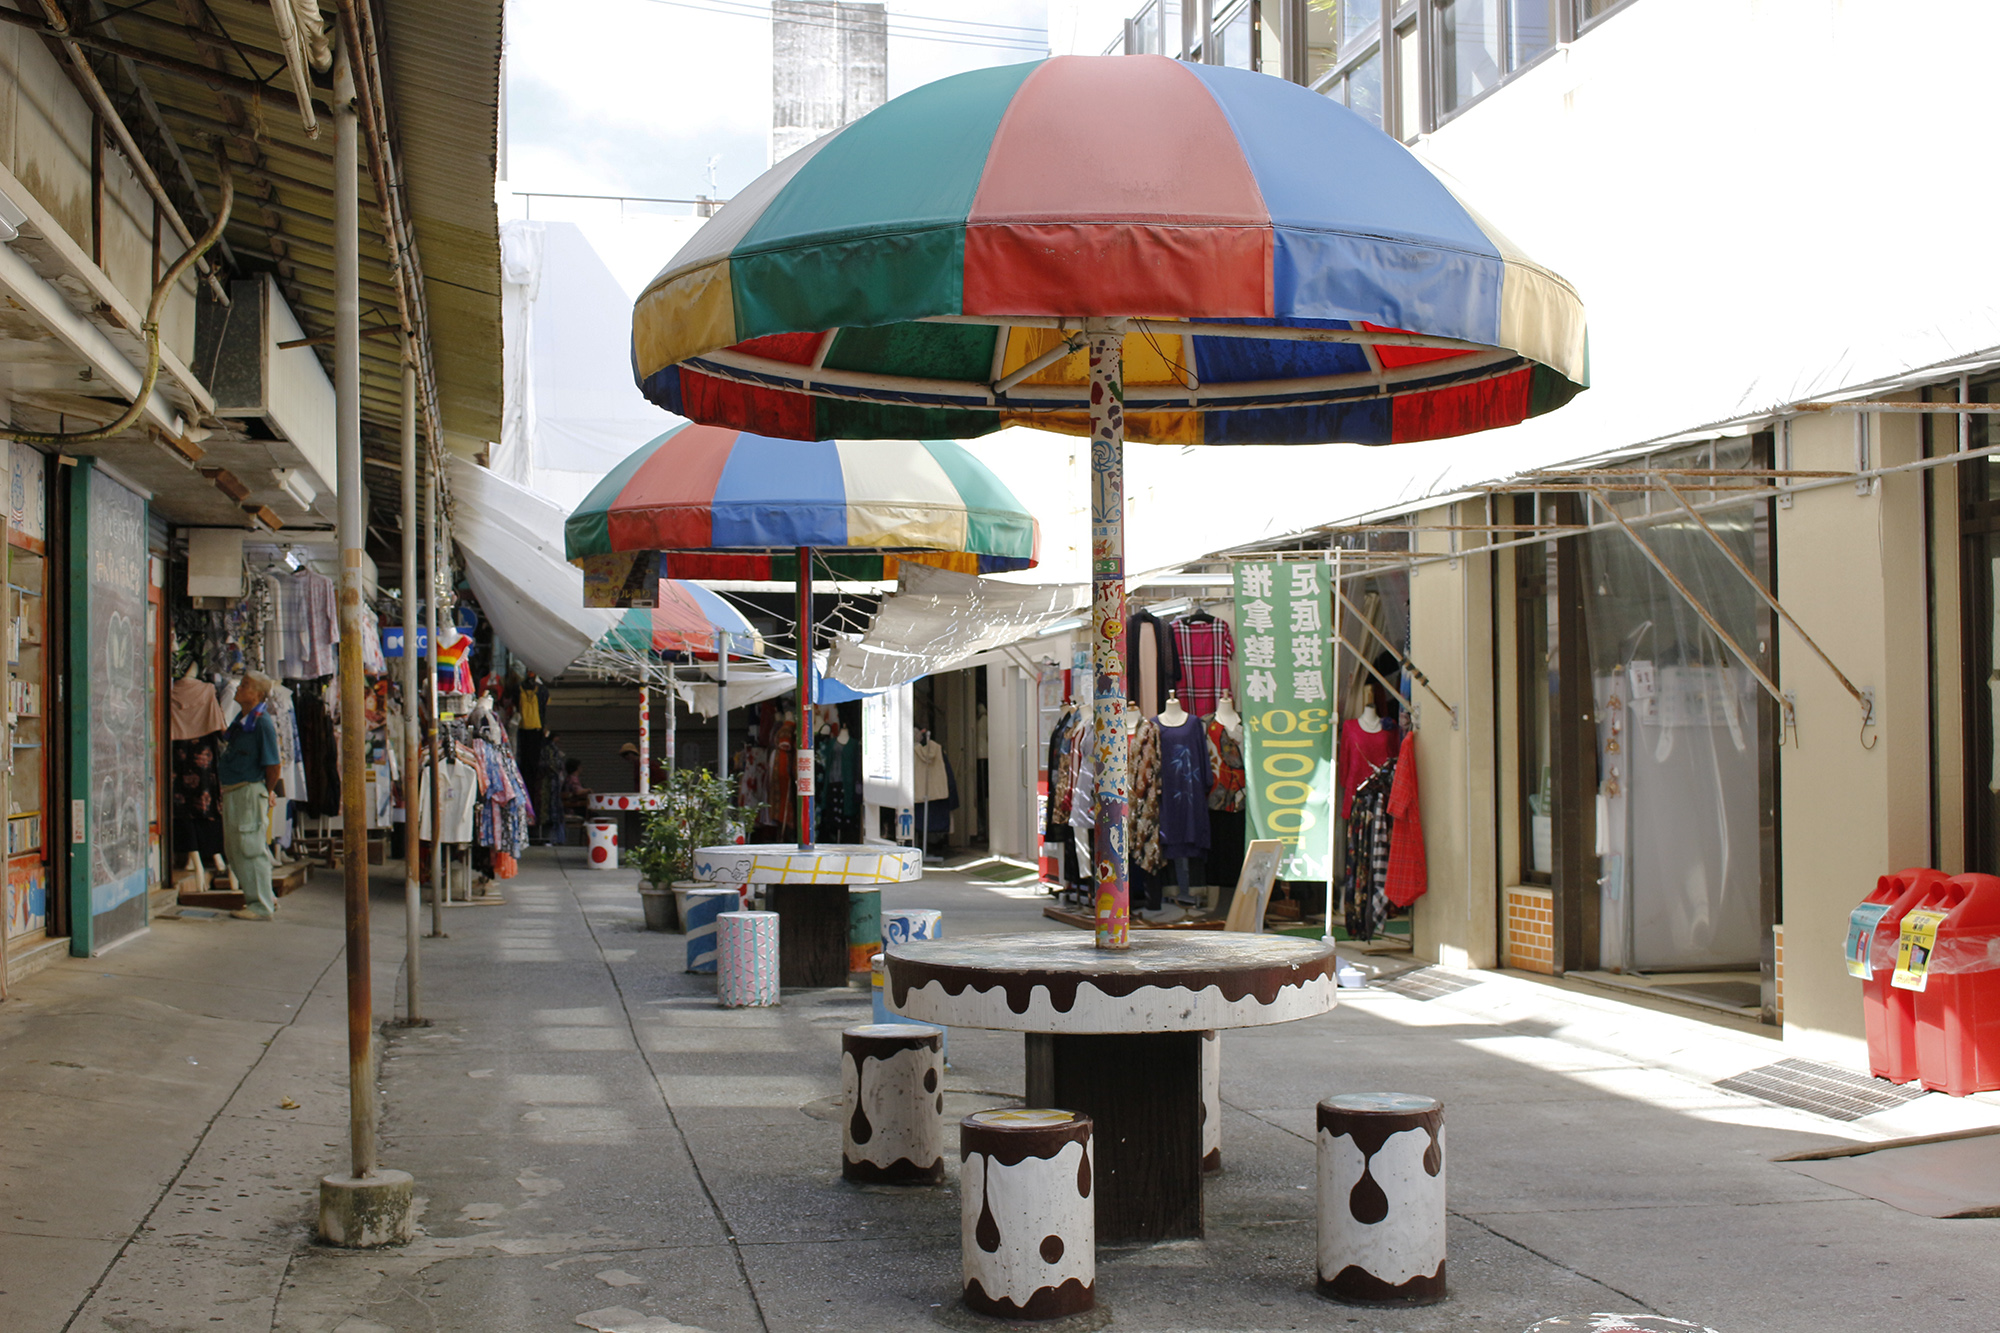 まちぐゎーの憩いの場「パラソル通り」をまちまーいしてみた。|発見!まちまーい